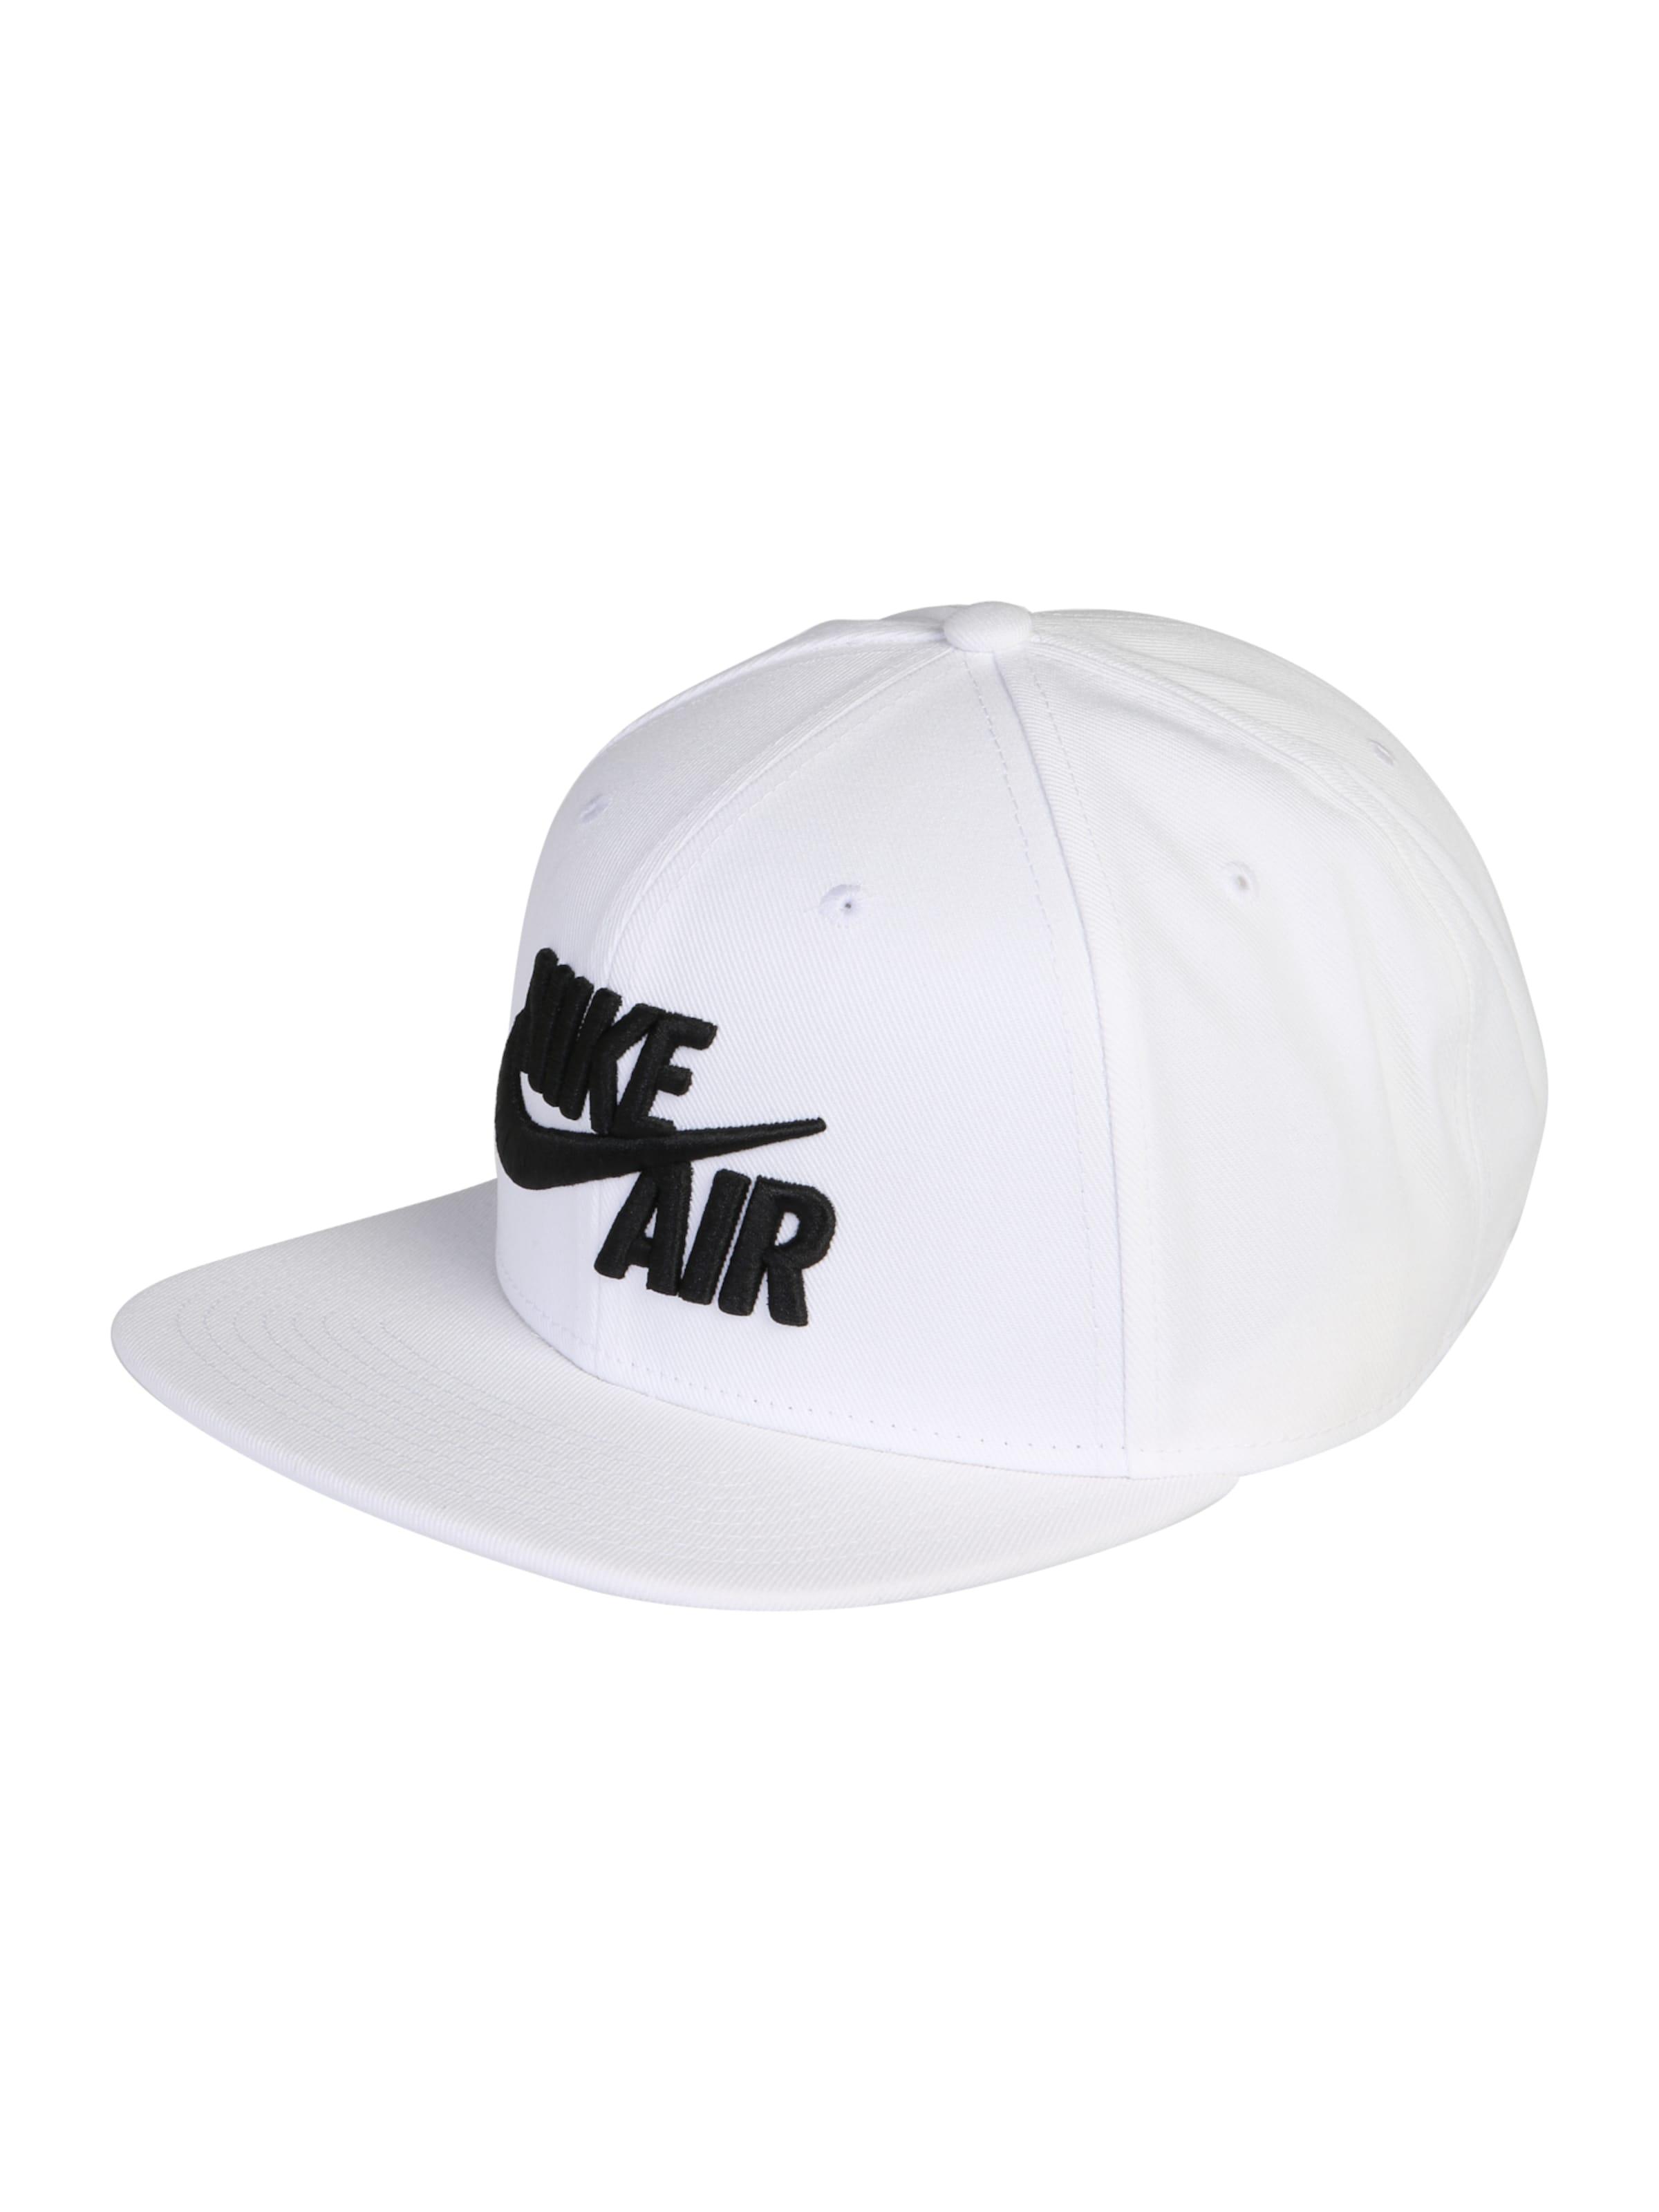 In SchwarzWeiß Cap In Nike Cap Sportswear Nike Nike SchwarzWeiß Sportswear PZN0w8nOkX